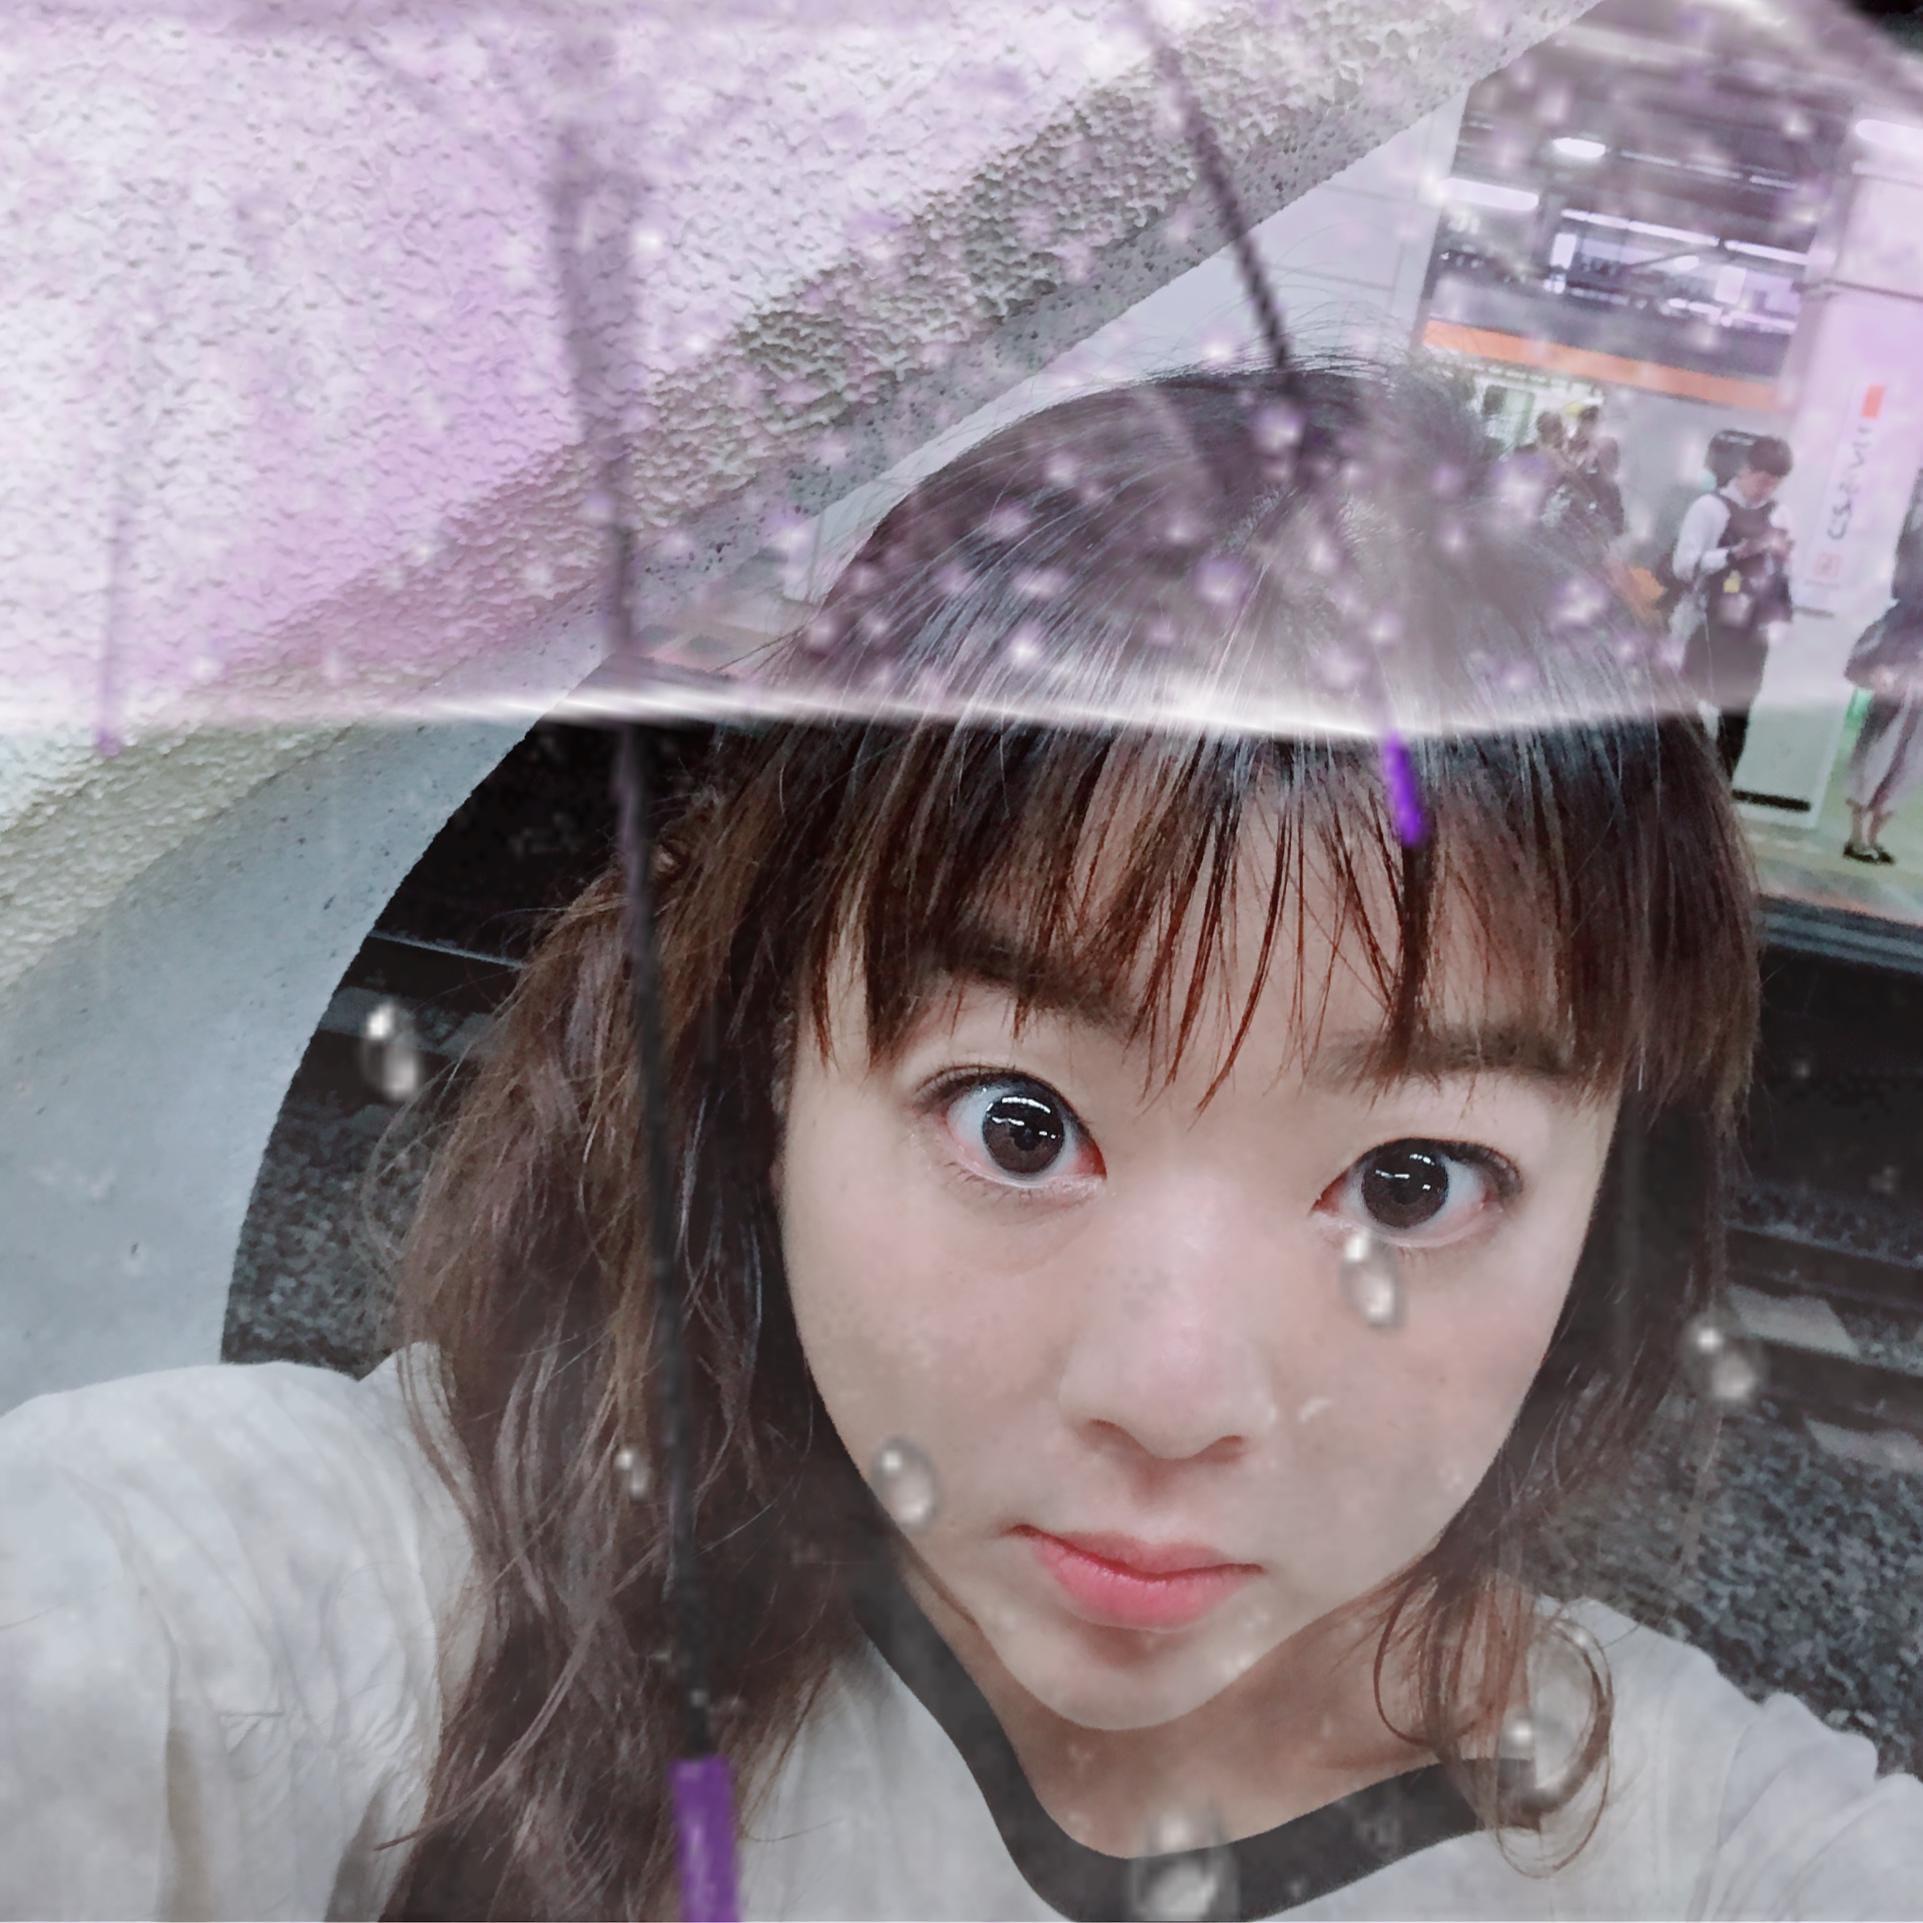 「加工アプリって、ヤバイ!!」09/22(土) 09:09 | 咲-さき-の写メ・風俗動画